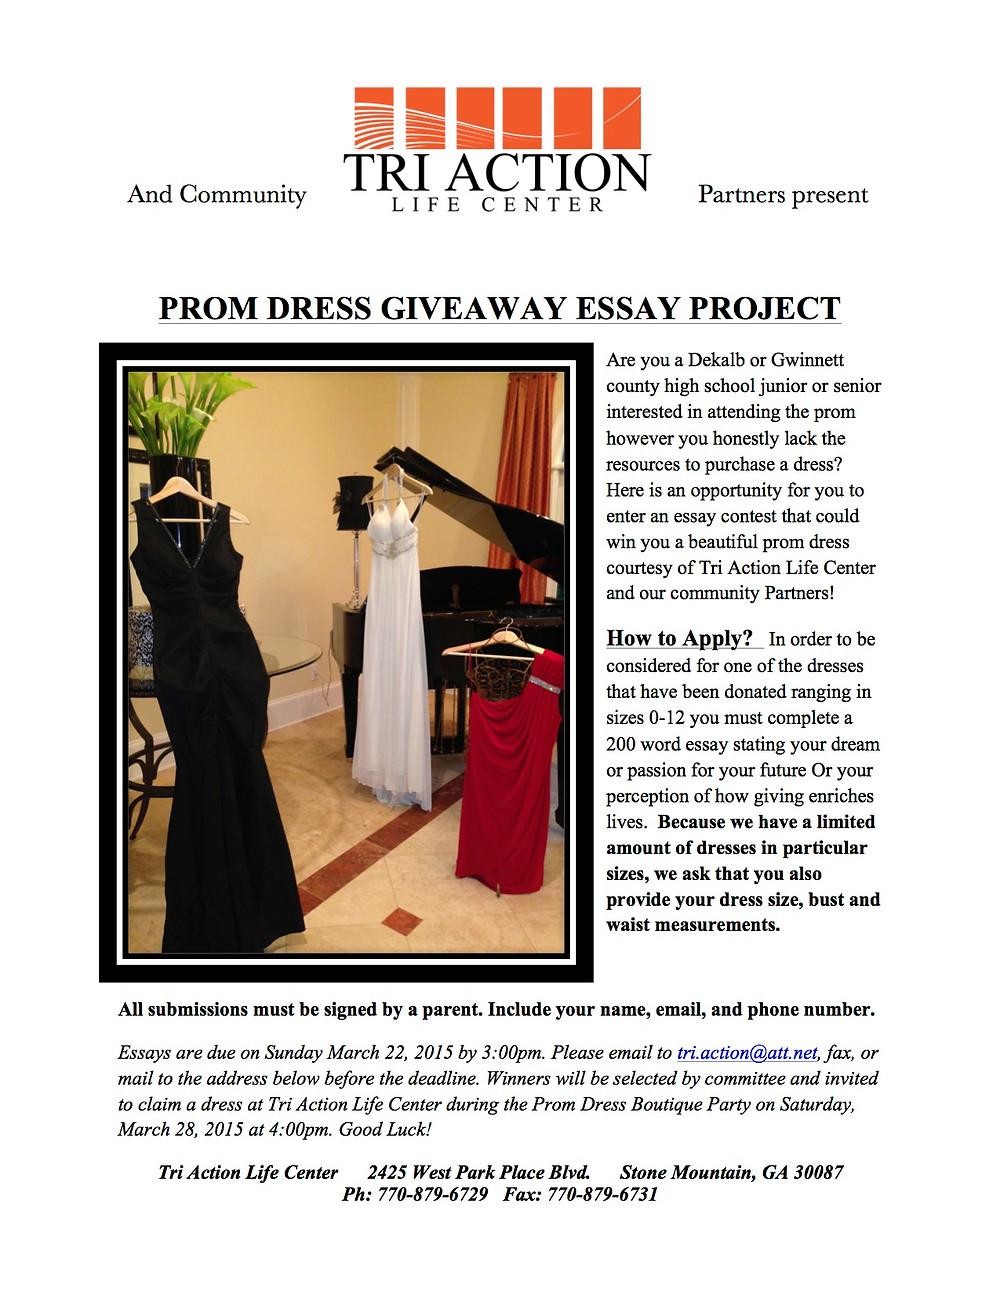 2015 Essay Contest Prom Dress Casme -1.jpg